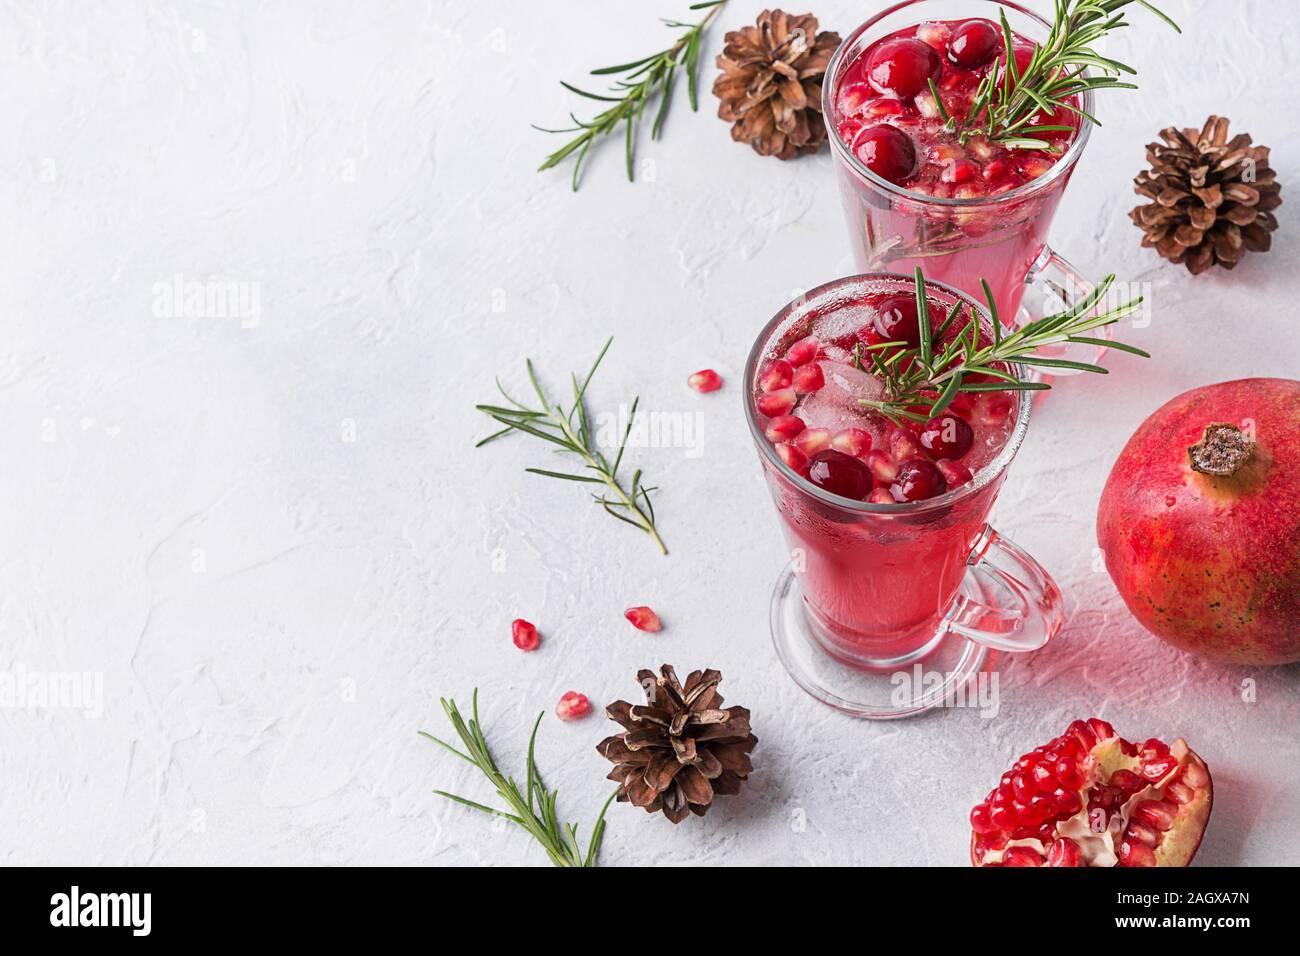 Dos copa de granada vacaciones de Navidad cóctel con romero, arándano, vino espumoso en el cuadro blanco. Bebida de Navidad. Espacio para el texto. Foto de stock